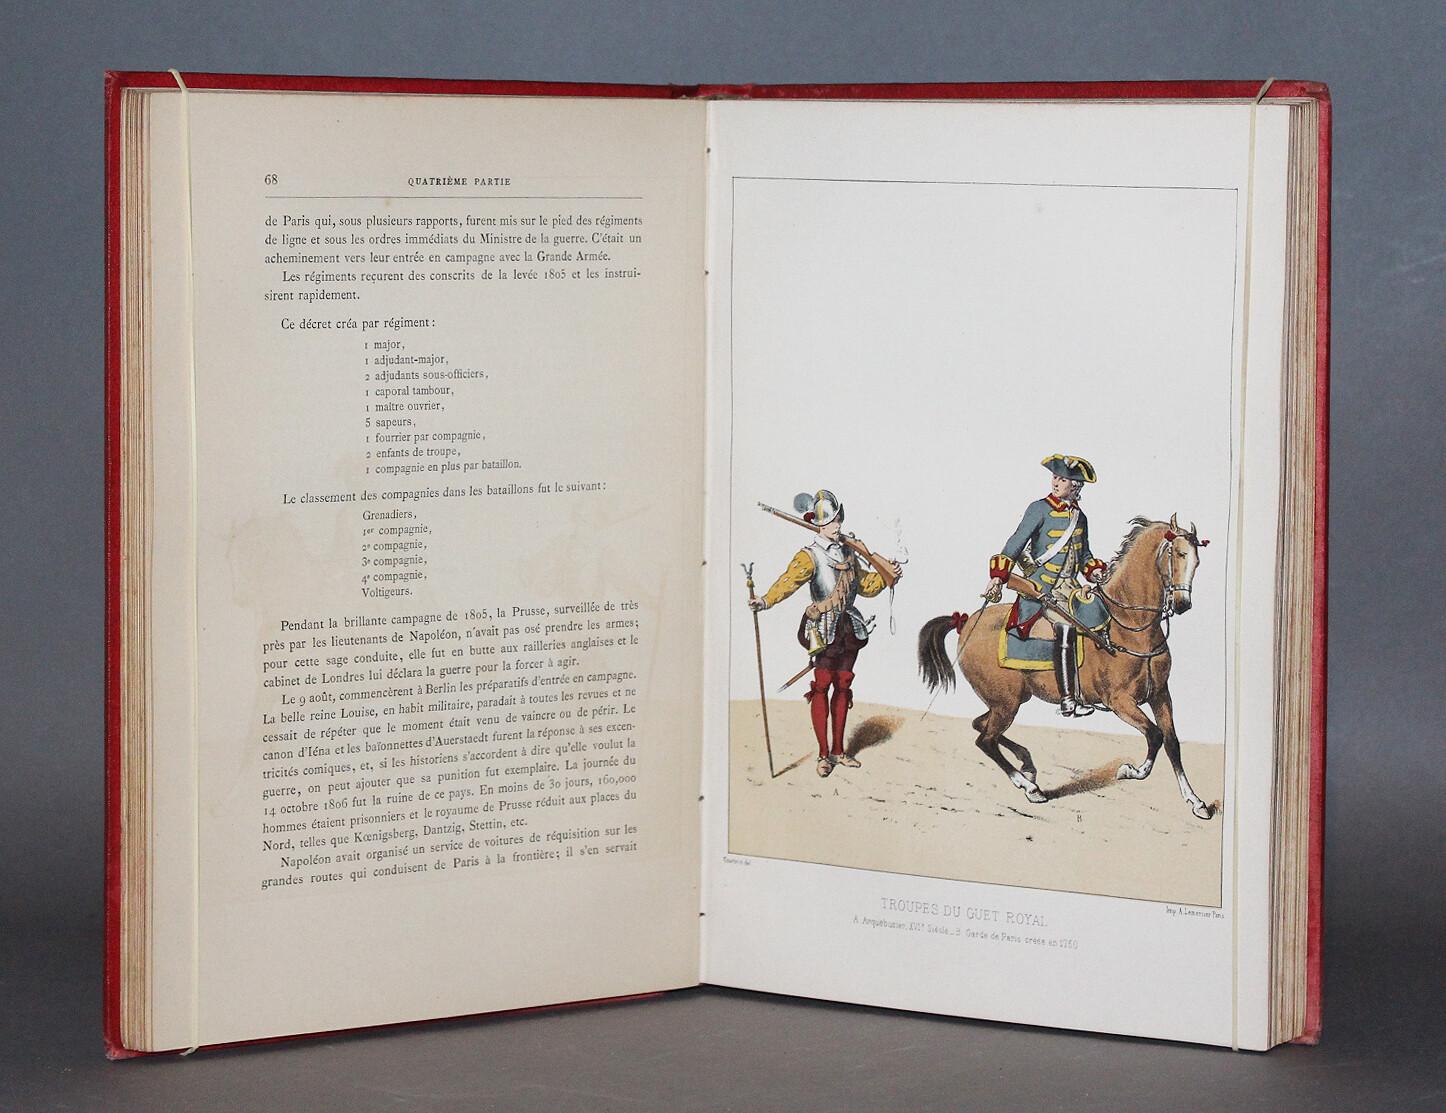 CUDET.- Histoire des corps de troupe qui ont été spécialement chargés du service de la ville de Paris depuis son origine jusqu'à nos jours, 1887.